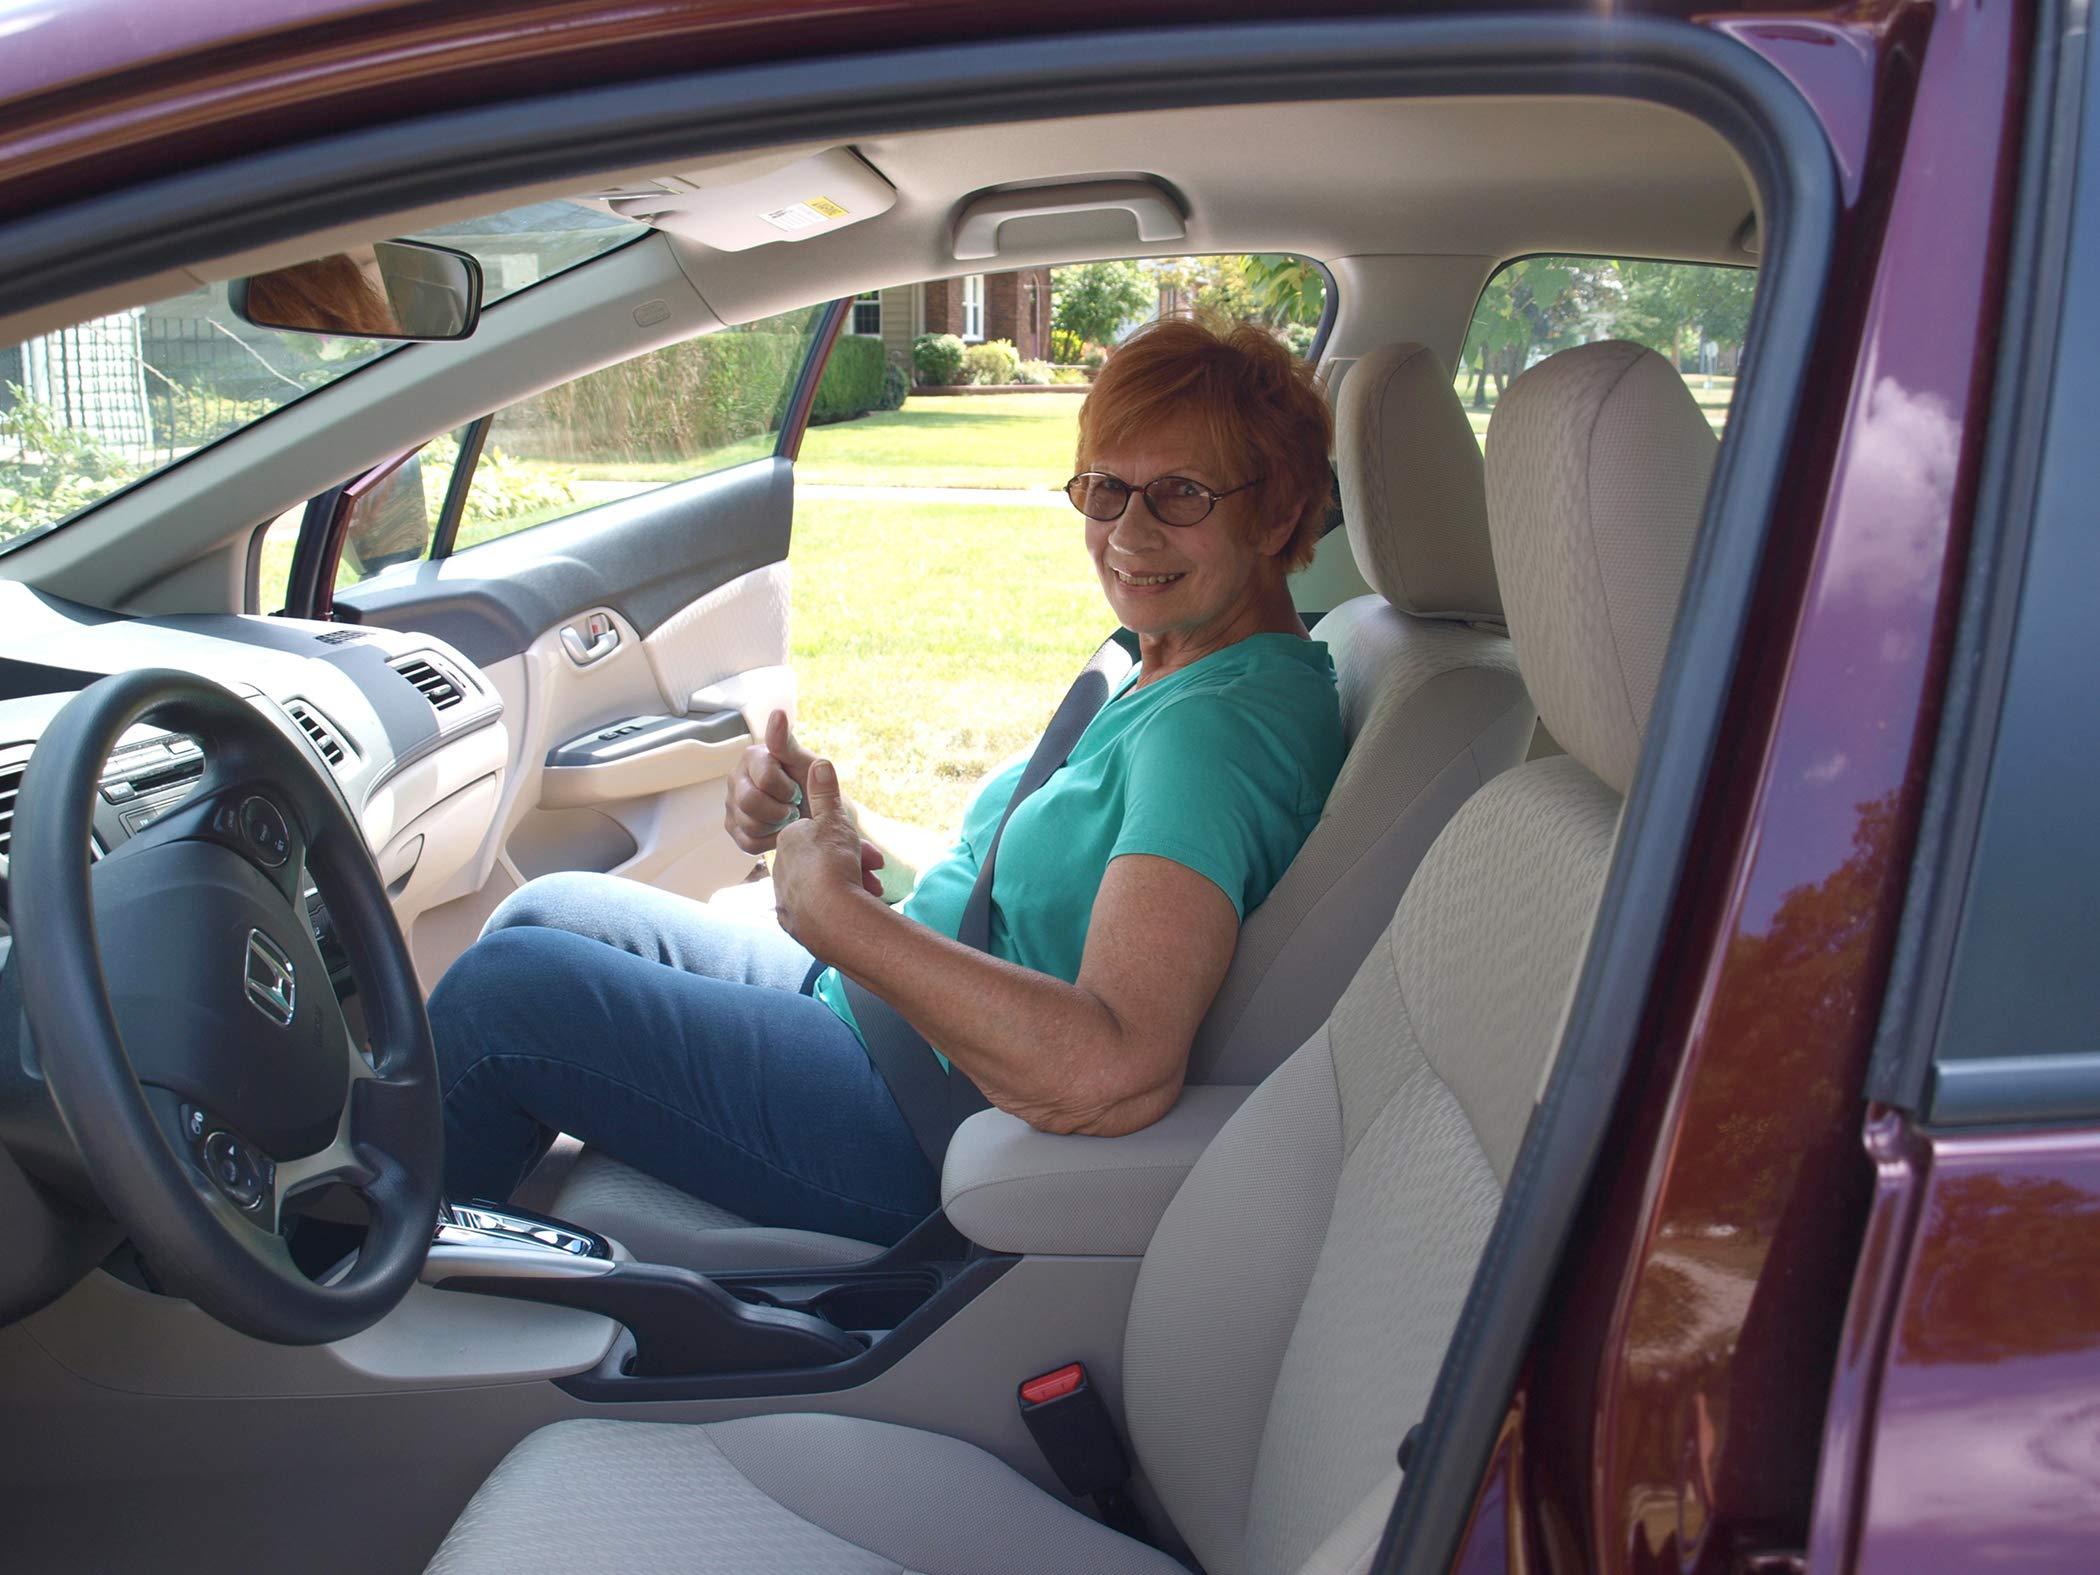 Slide 'n Ride Vehicle Transfer seat by SLIDE 'n RIDE Vehicle Assist Seat (Image #9)